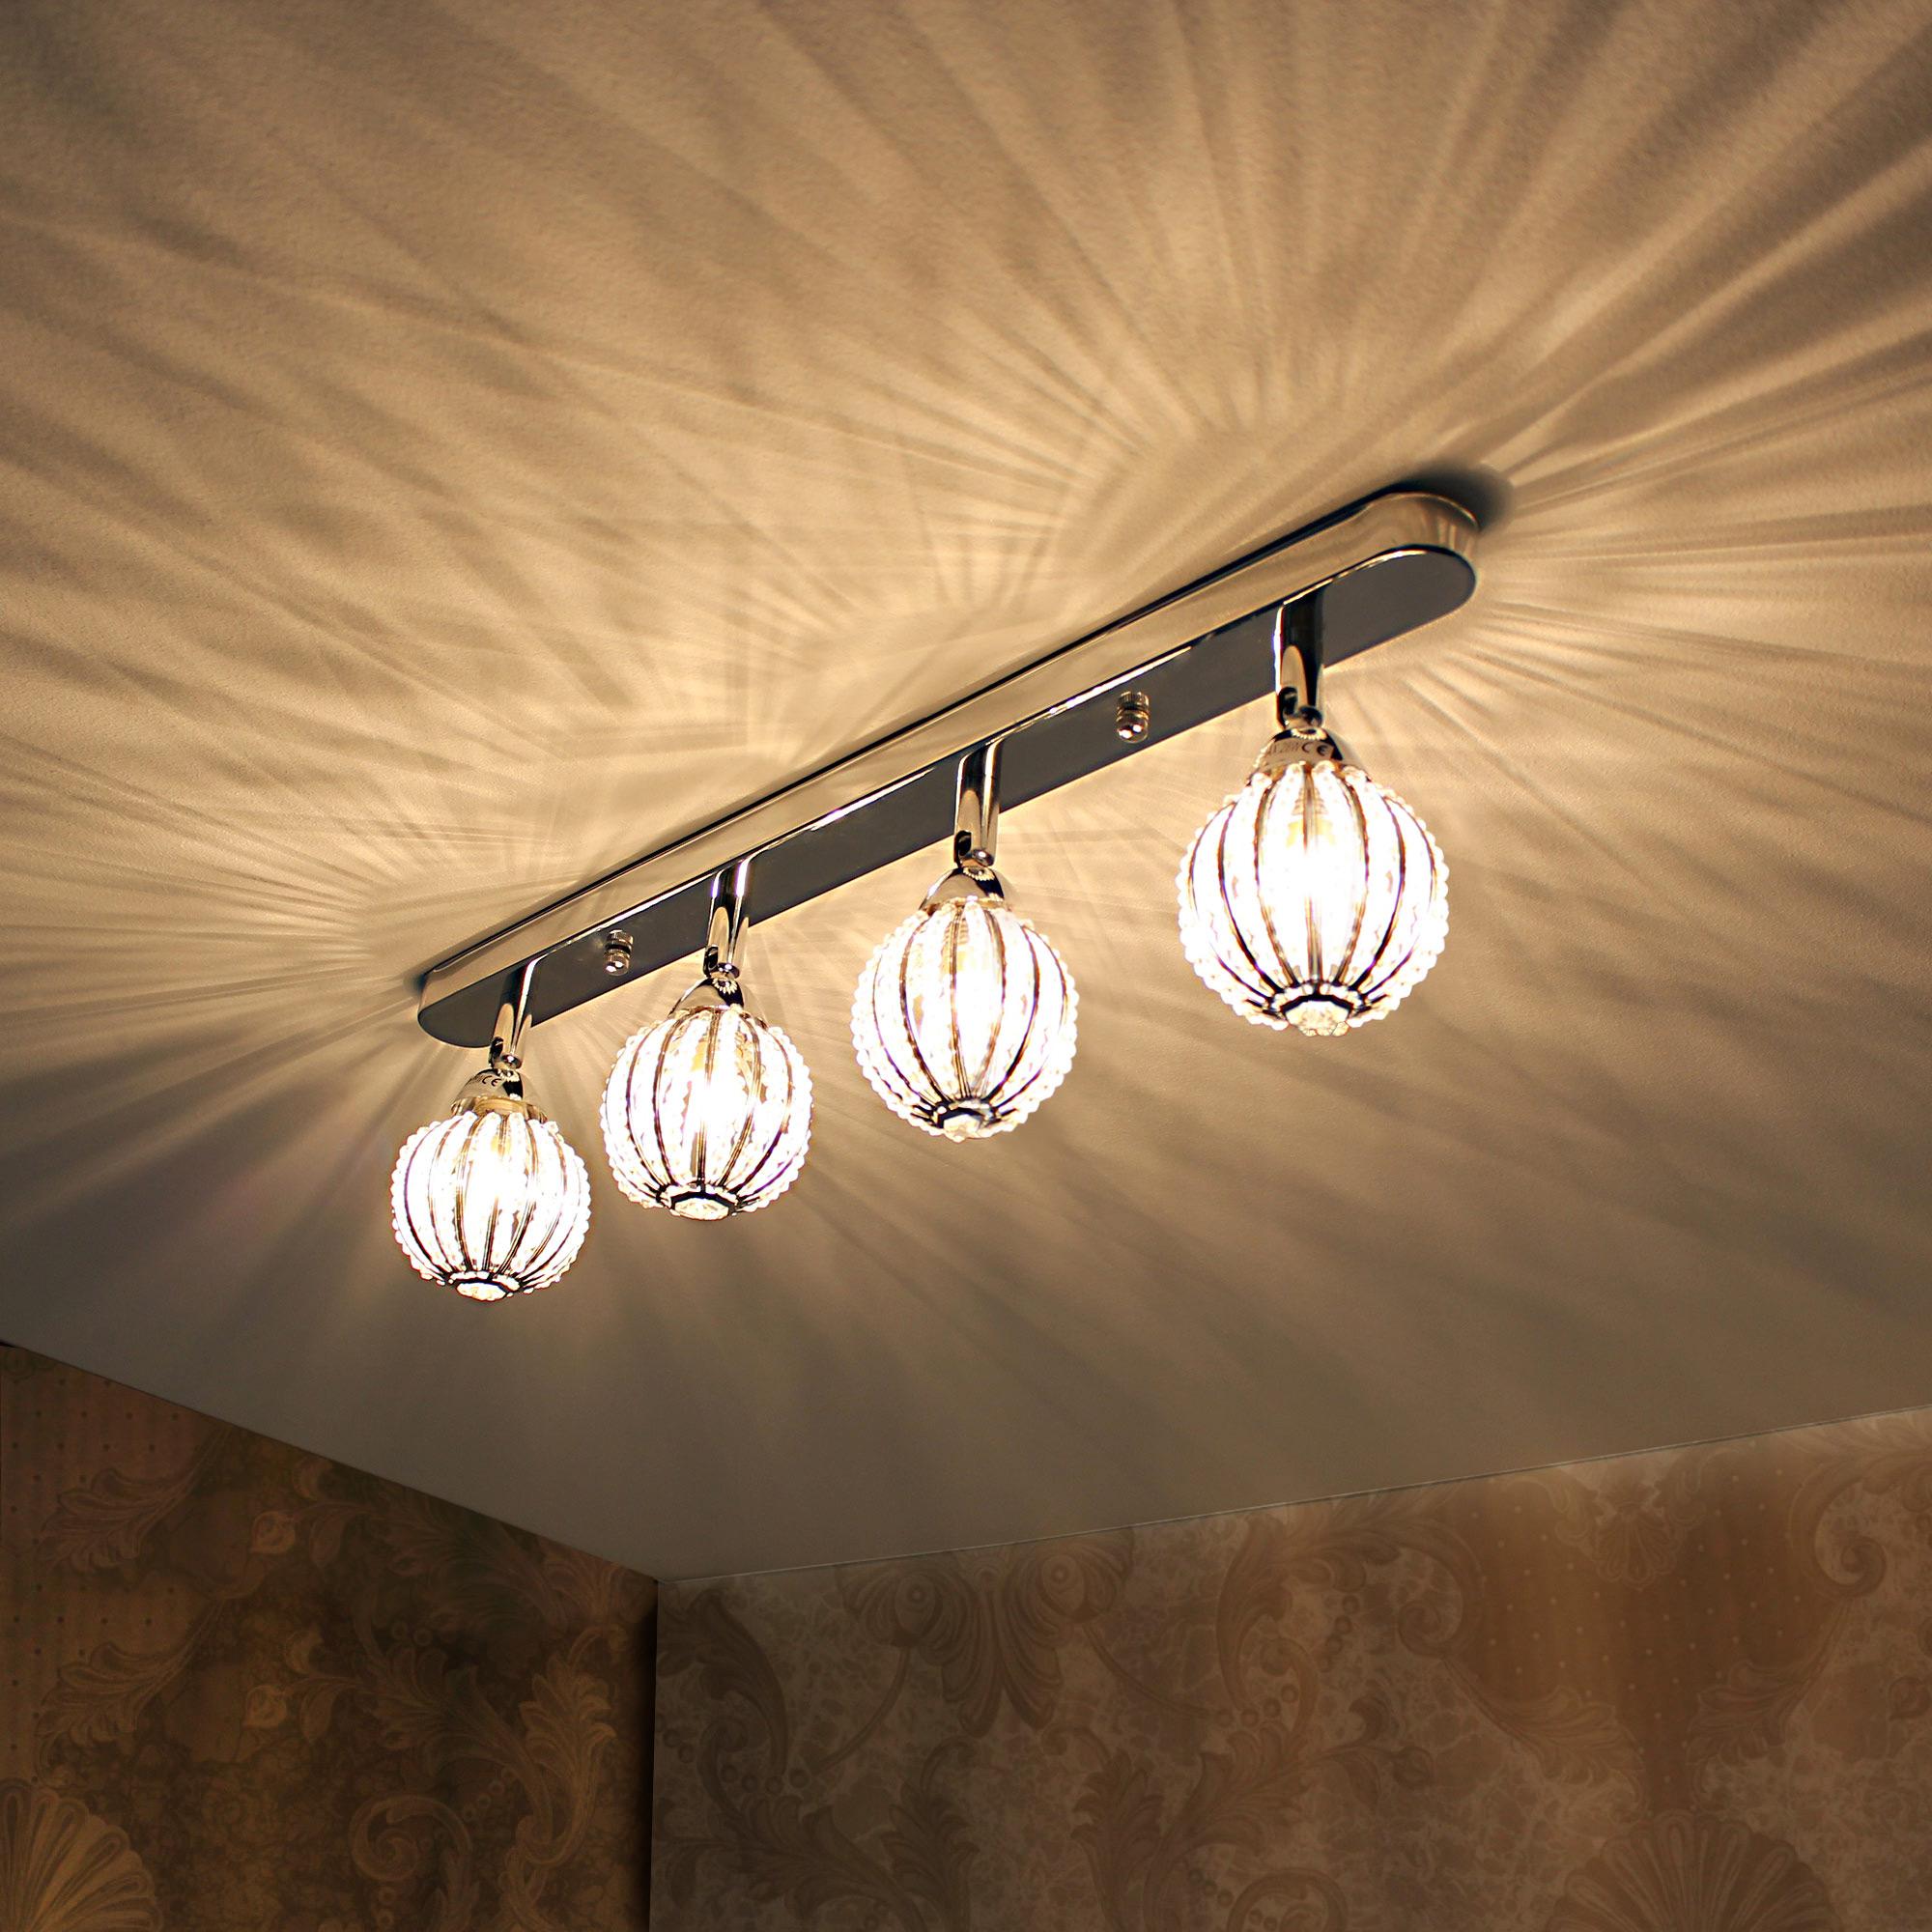 deckenleuchte deckenlampe lampe leuchte mesh kristall chrom wohnzimmer ebay. Black Bedroom Furniture Sets. Home Design Ideas